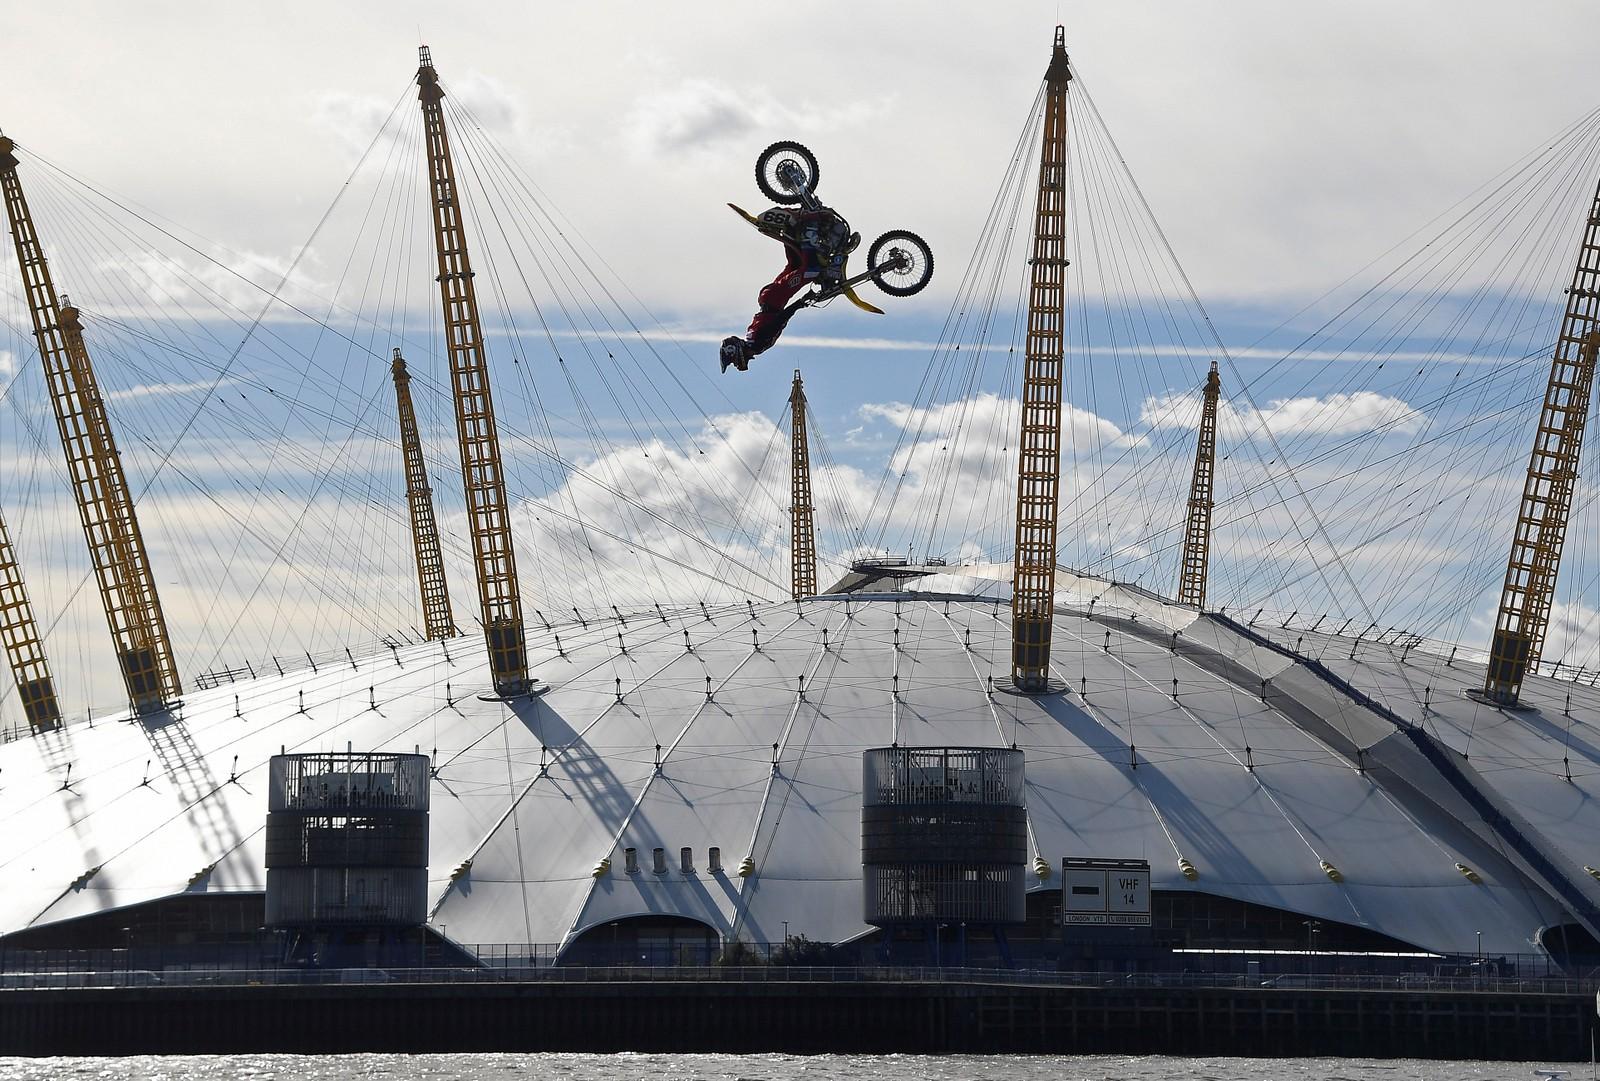 Slik kan man også bruke en motorsykkel. Travis Pastrana i fritt svev over Londons O2 Arena denne uka.